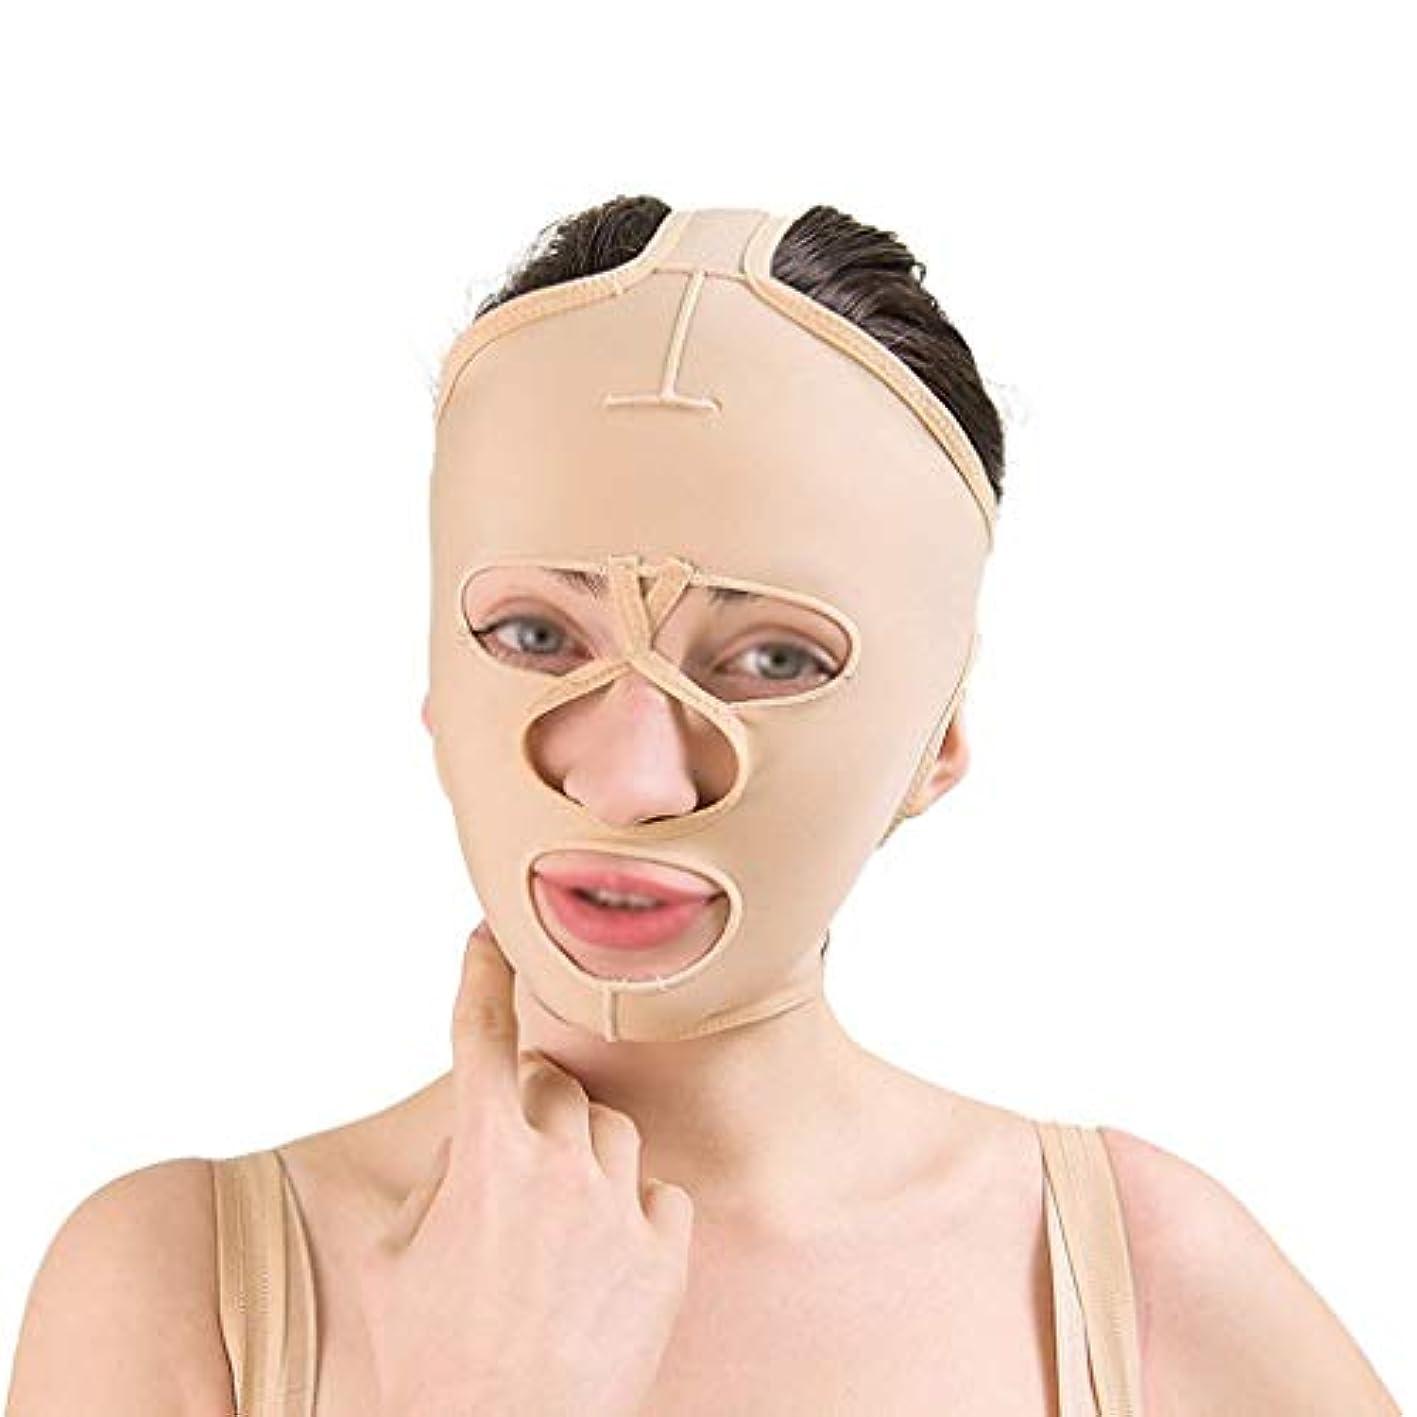 お茶咲く温帯フェイシャルリフティングツール、フェイシャルビューティーリフティングマスク、通気性引き締めリフティングフェイシャル包帯、フェイシャルタイトバンデージ(サイズ:L),XL